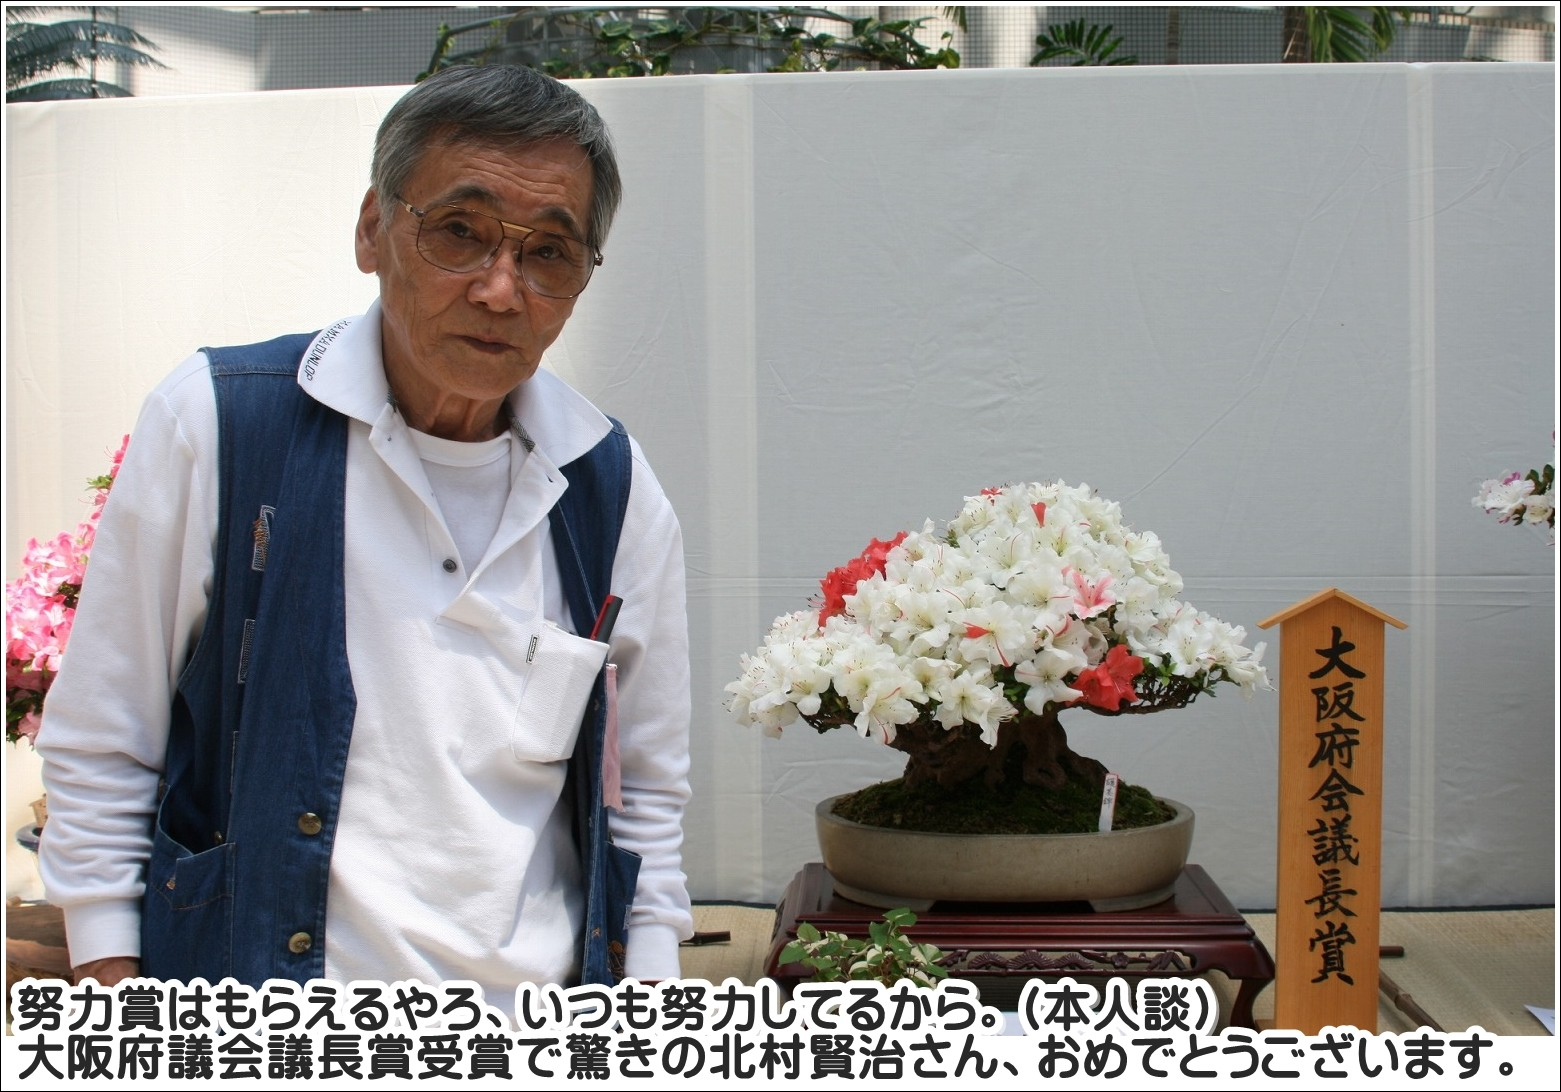 大阪府議会議長賞受賞で驚きの北村賢治さん、おめでとうございます。